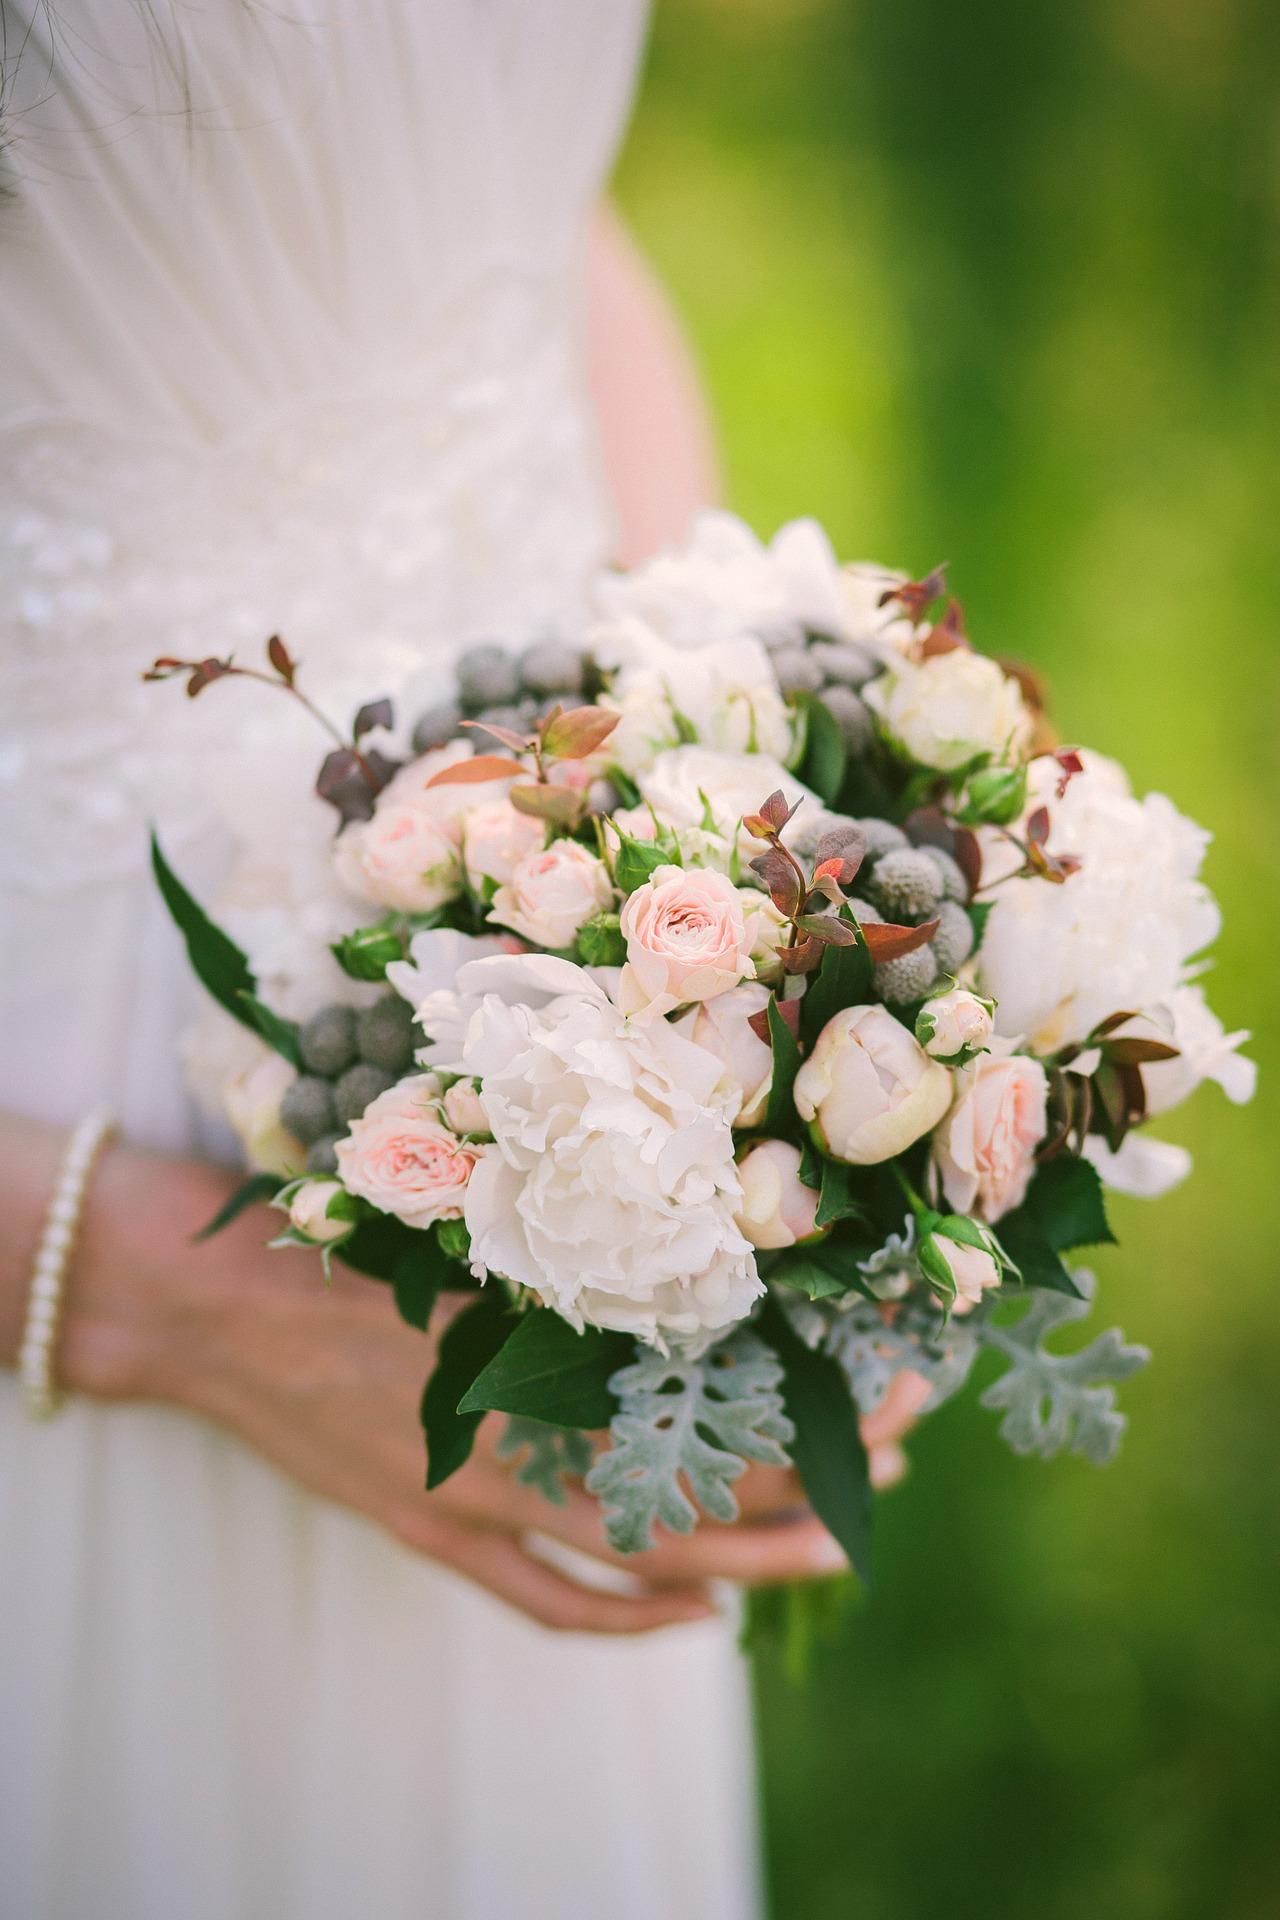 Il bouquet di nozze: istruzioni per l'uso